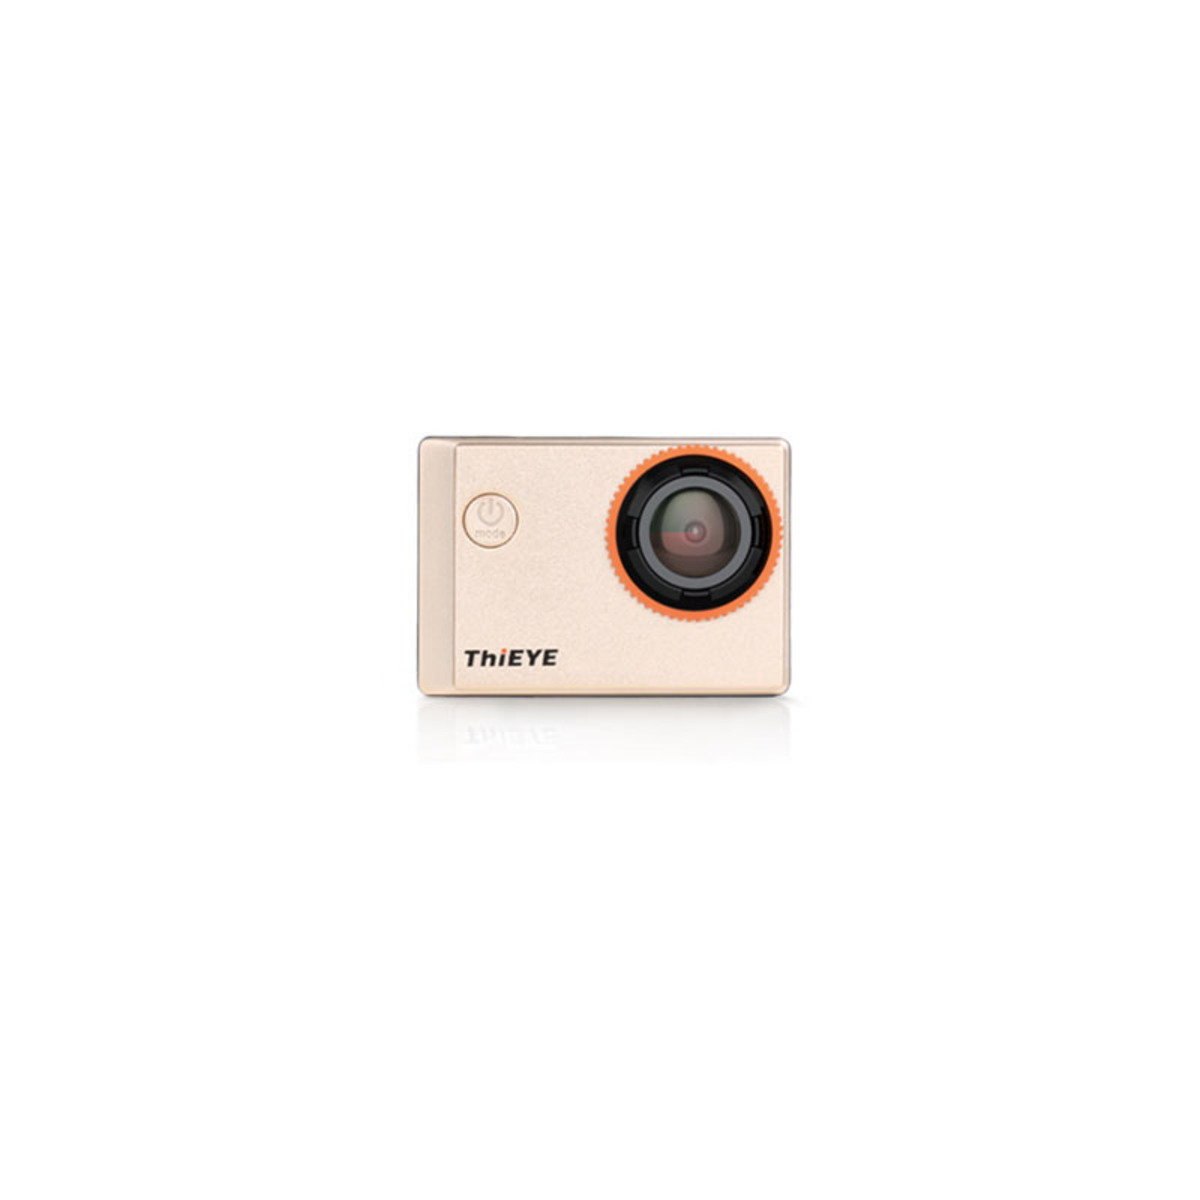 全高清1200萬像1440p WiFi 極限運動攝影機 i60 金色